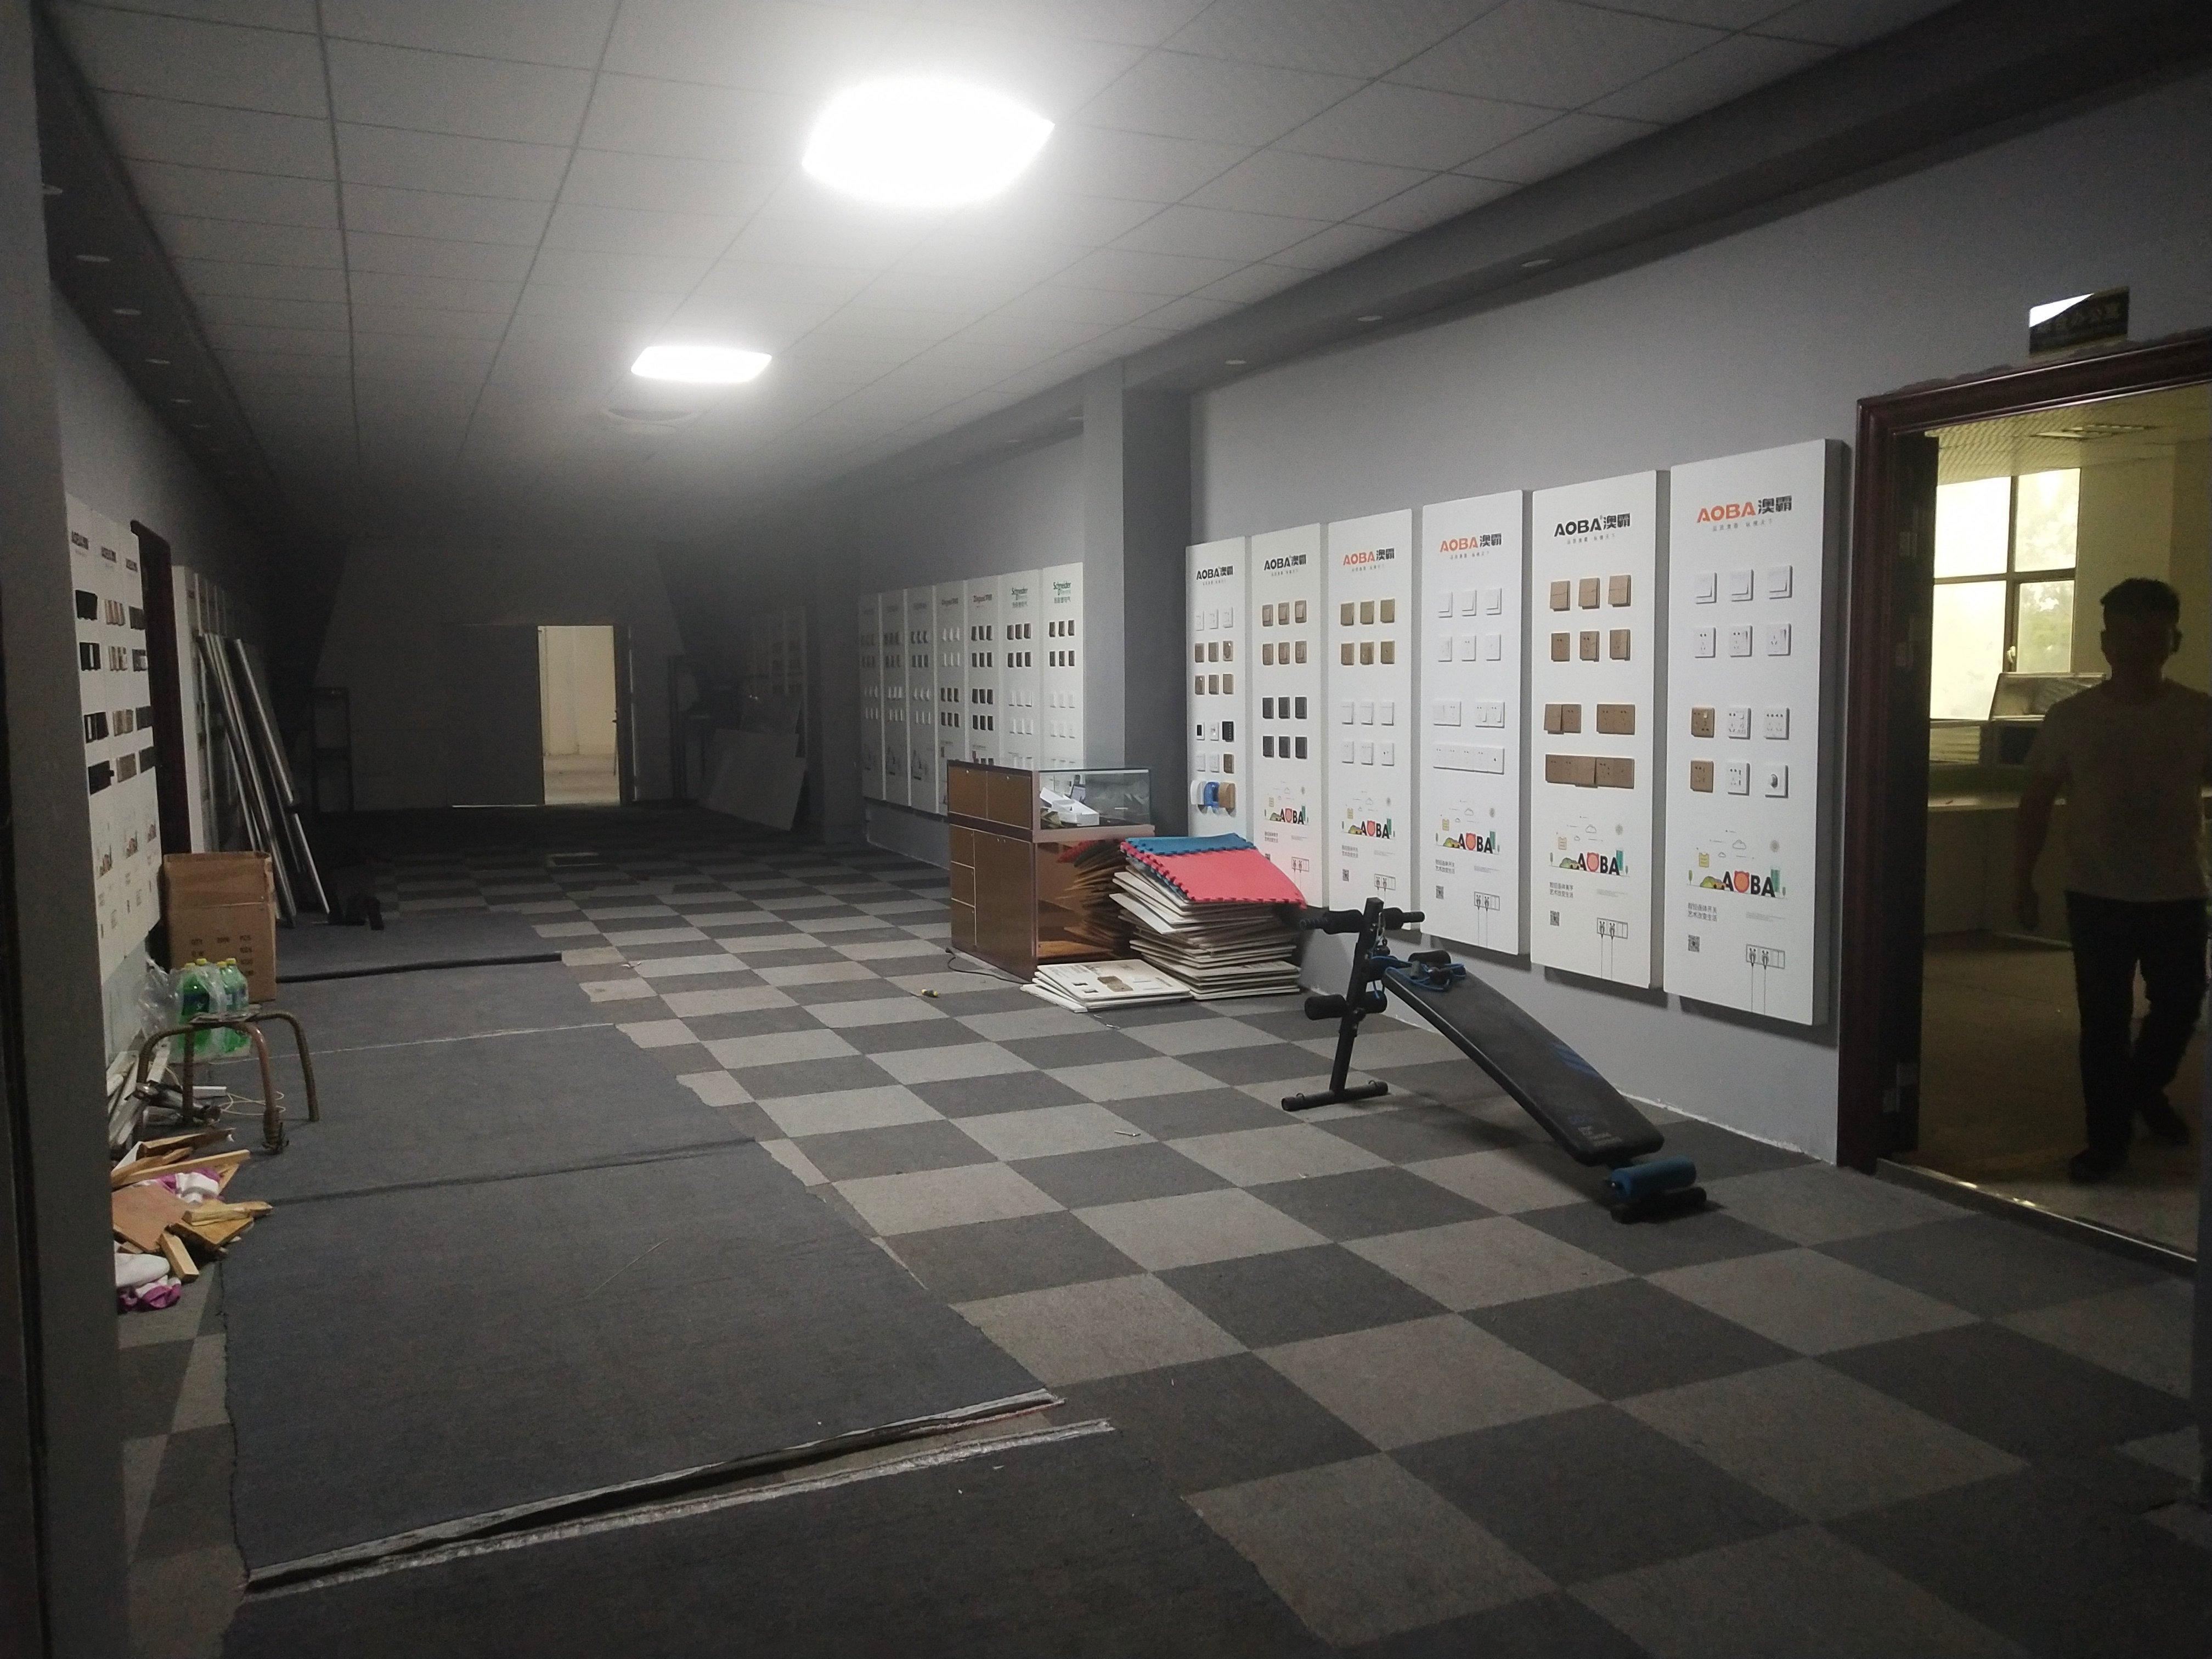 惠城区惠环镇标准厂房5楼400平方招租